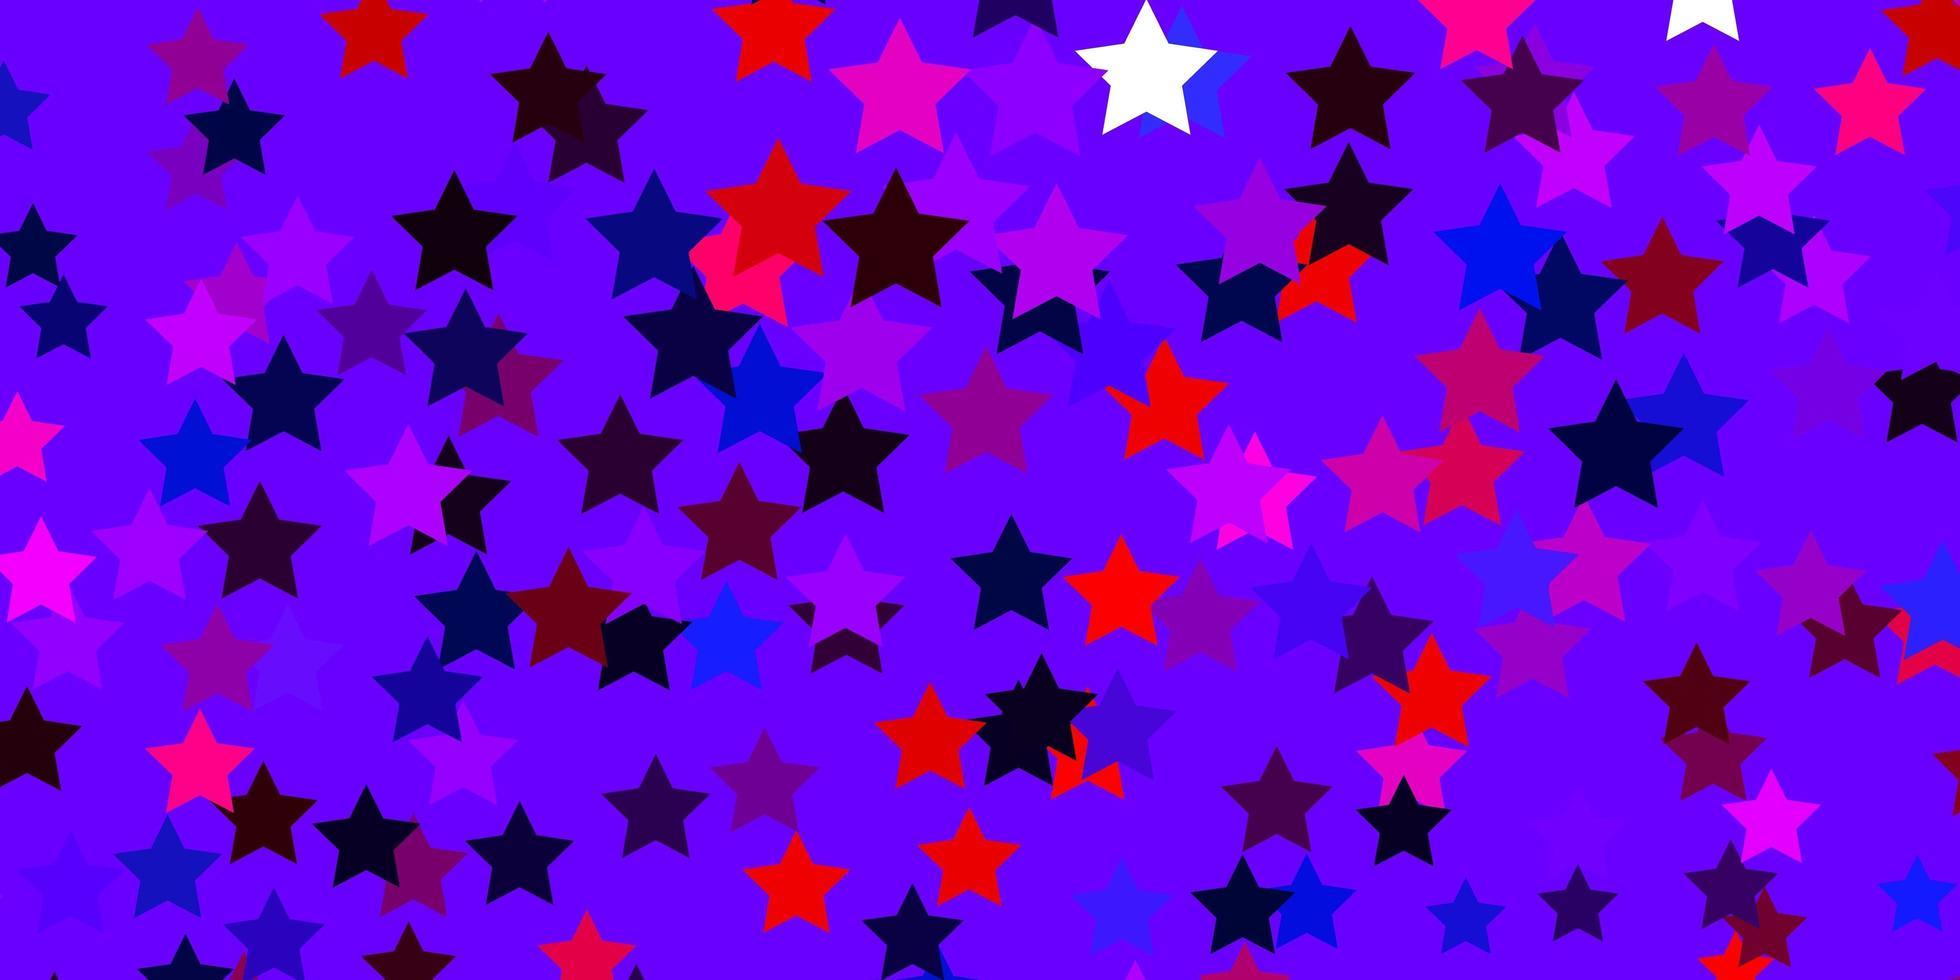 diseño azul claro, rojo con estrellas brillantes. vector